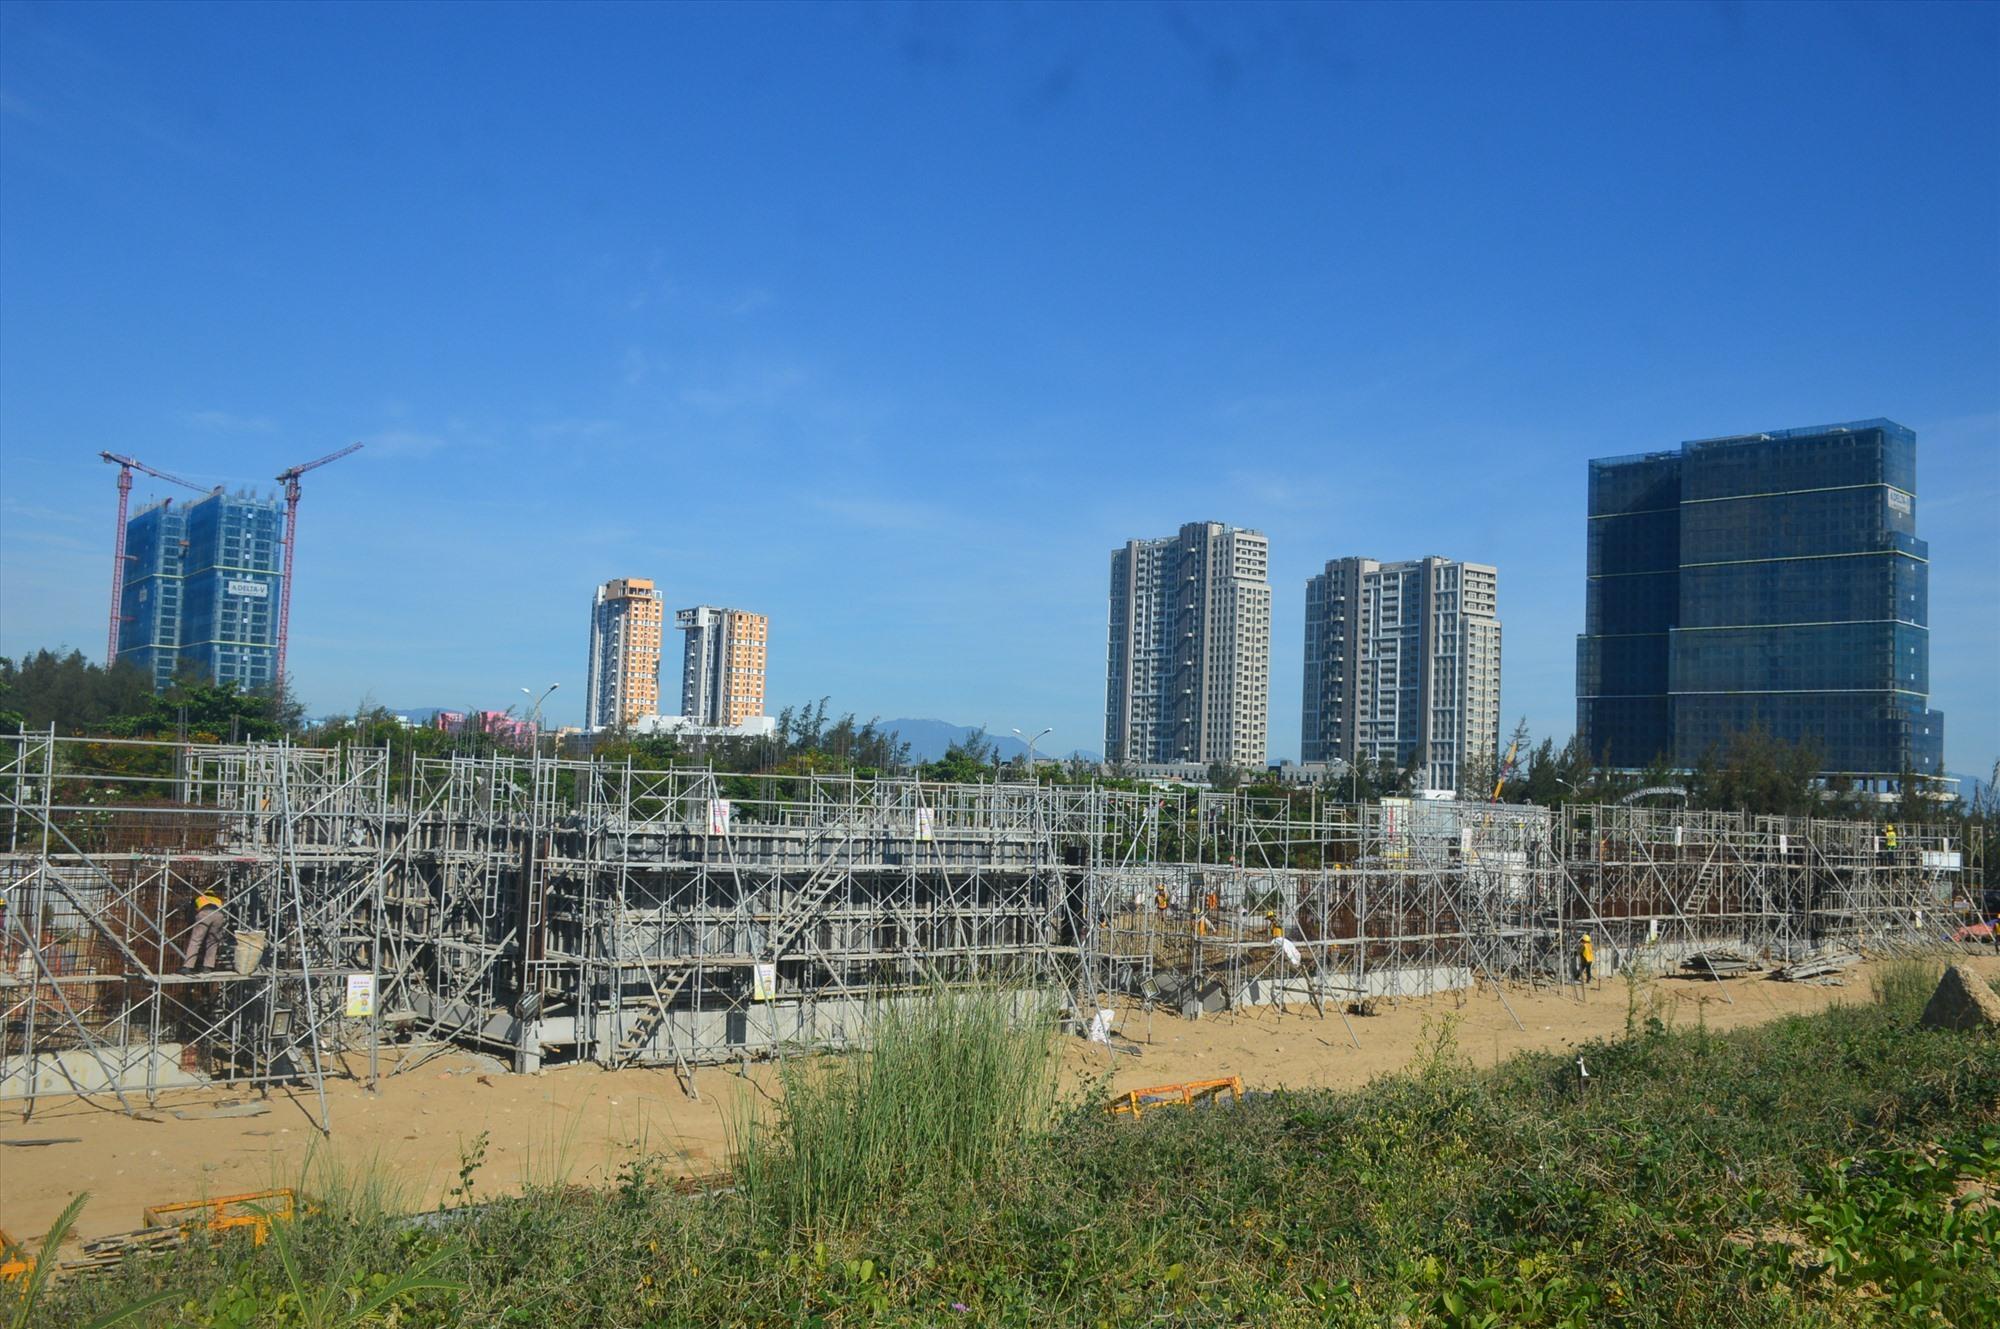 Hạ tầng khu vực giáp ranh Hội An, Điện Bàn với TP.Đà Nẵng đang phát triển sôi động. Ảnh: Q.T